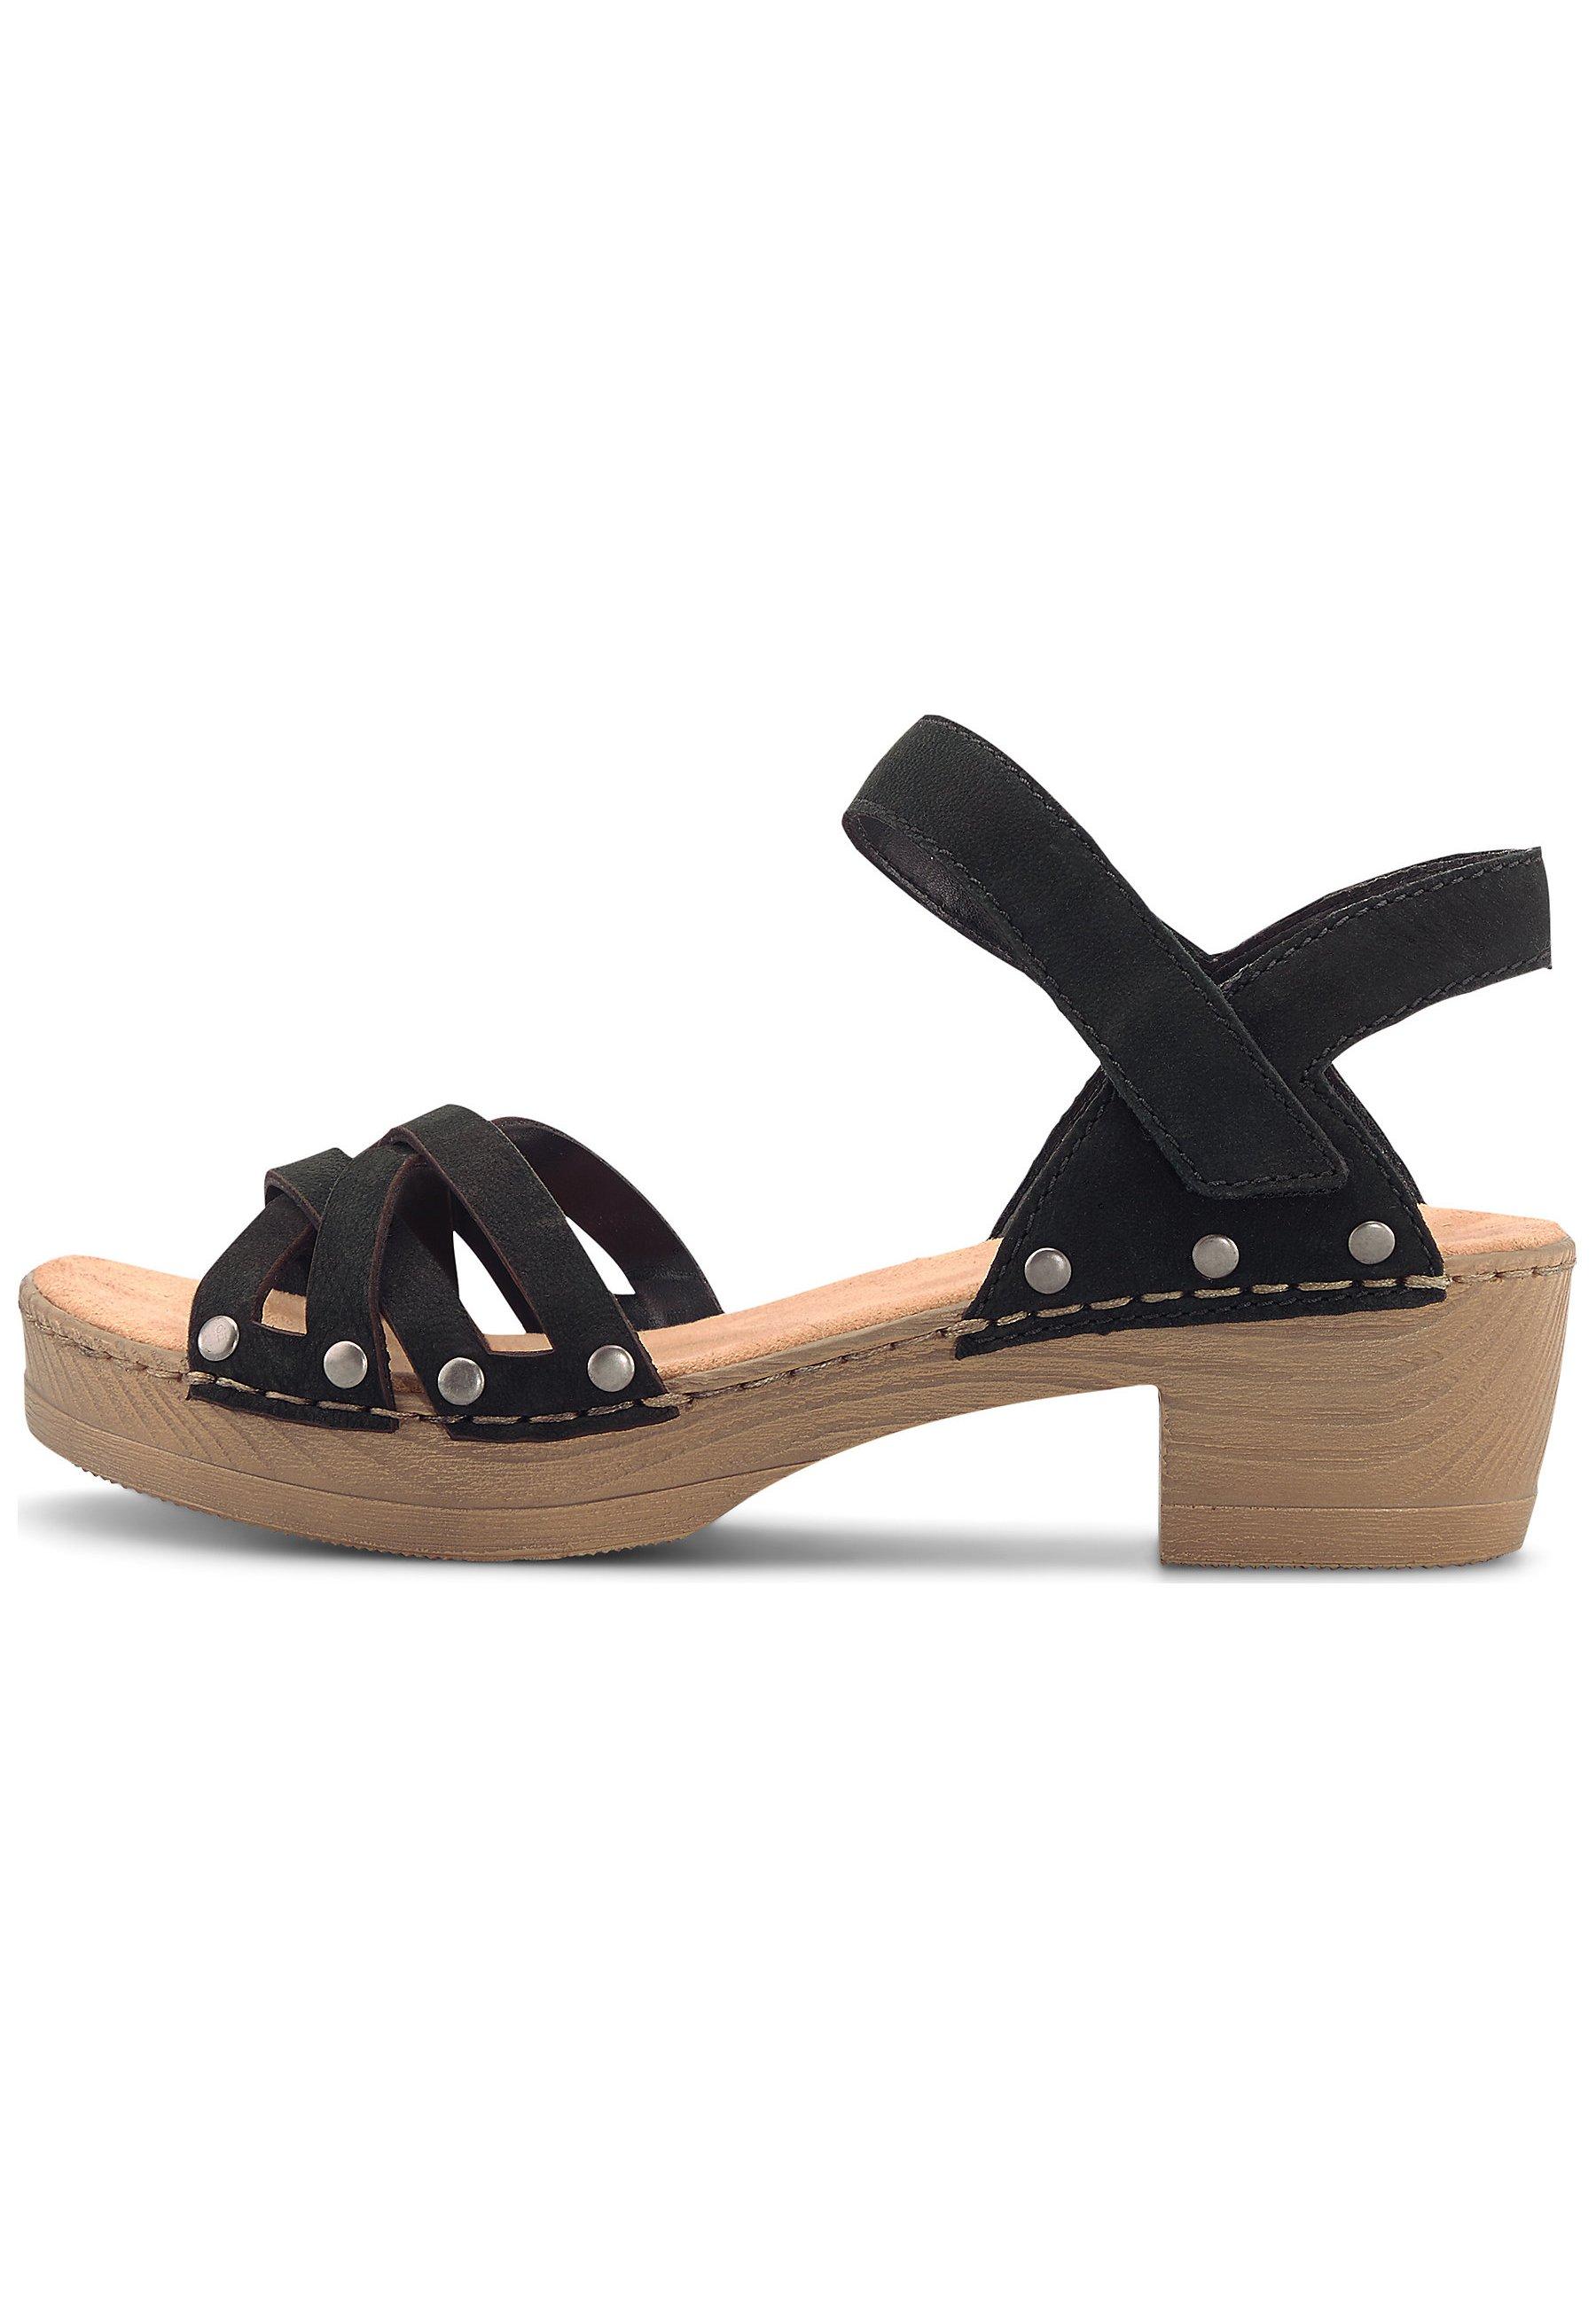 60% Rabatt Sandaletten Sandalen Damen Rieker silber MemoSoft